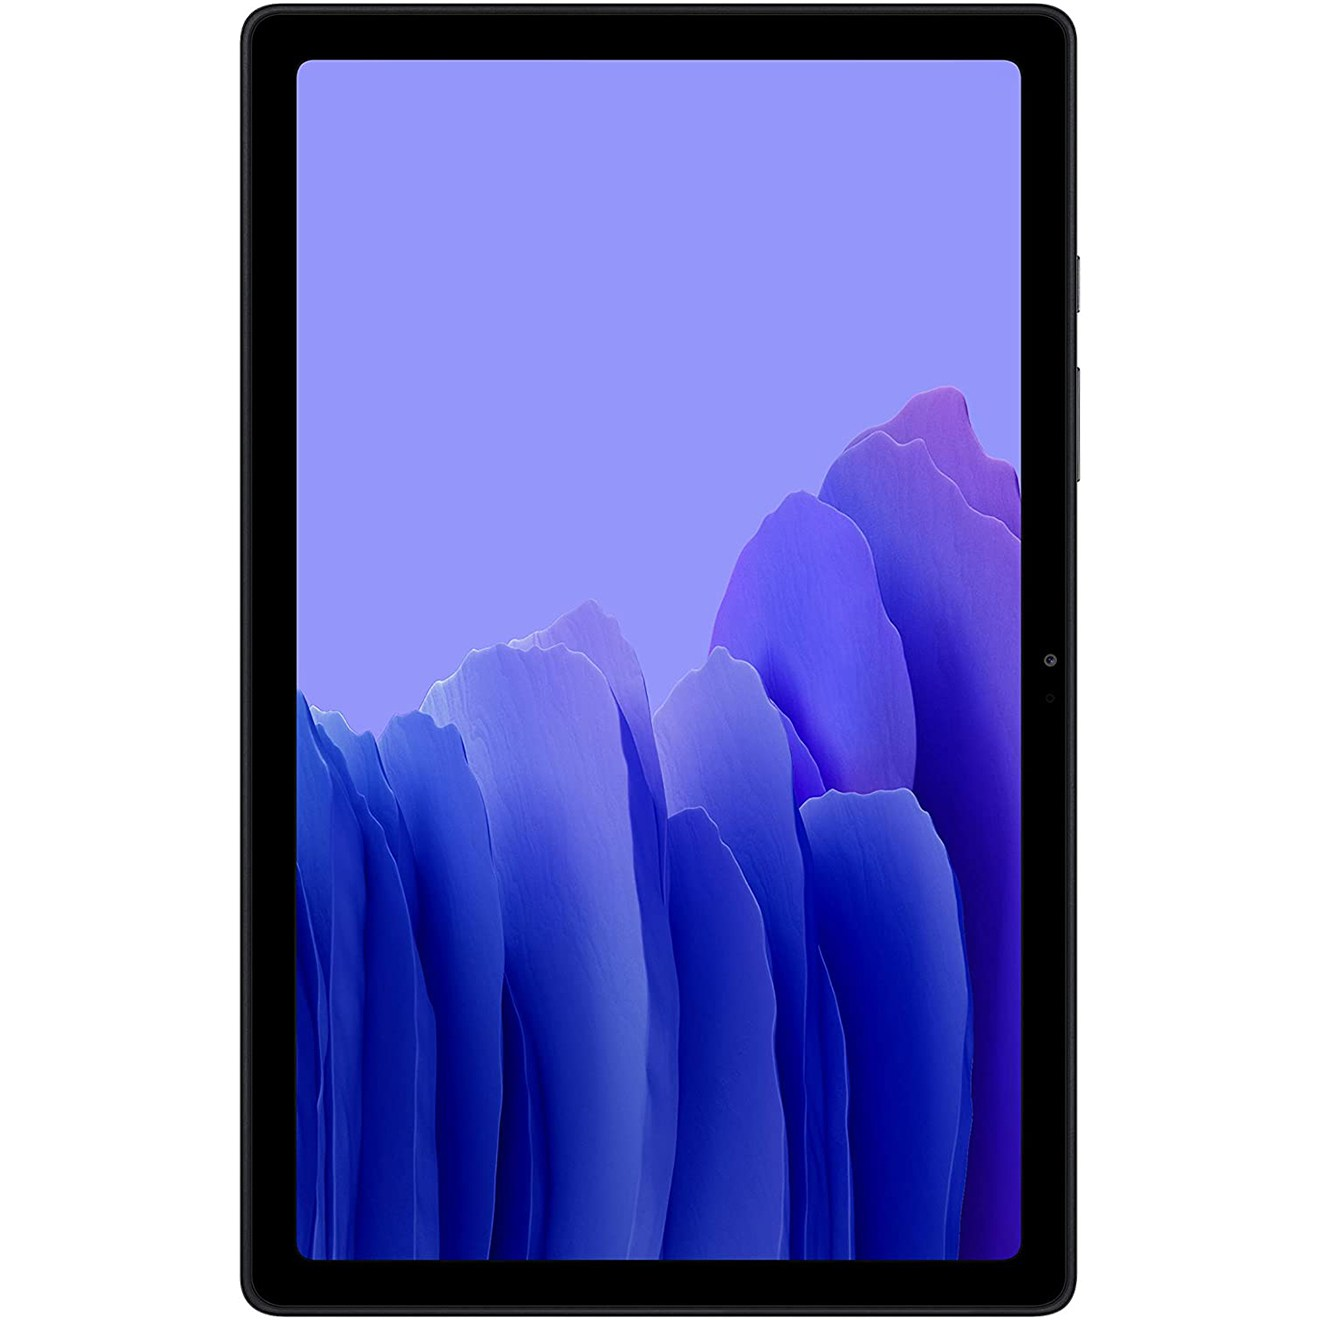 삼성 갤럭시 탭 A7 10.4 (2020) 32G 그레이 태블릿 와이파이